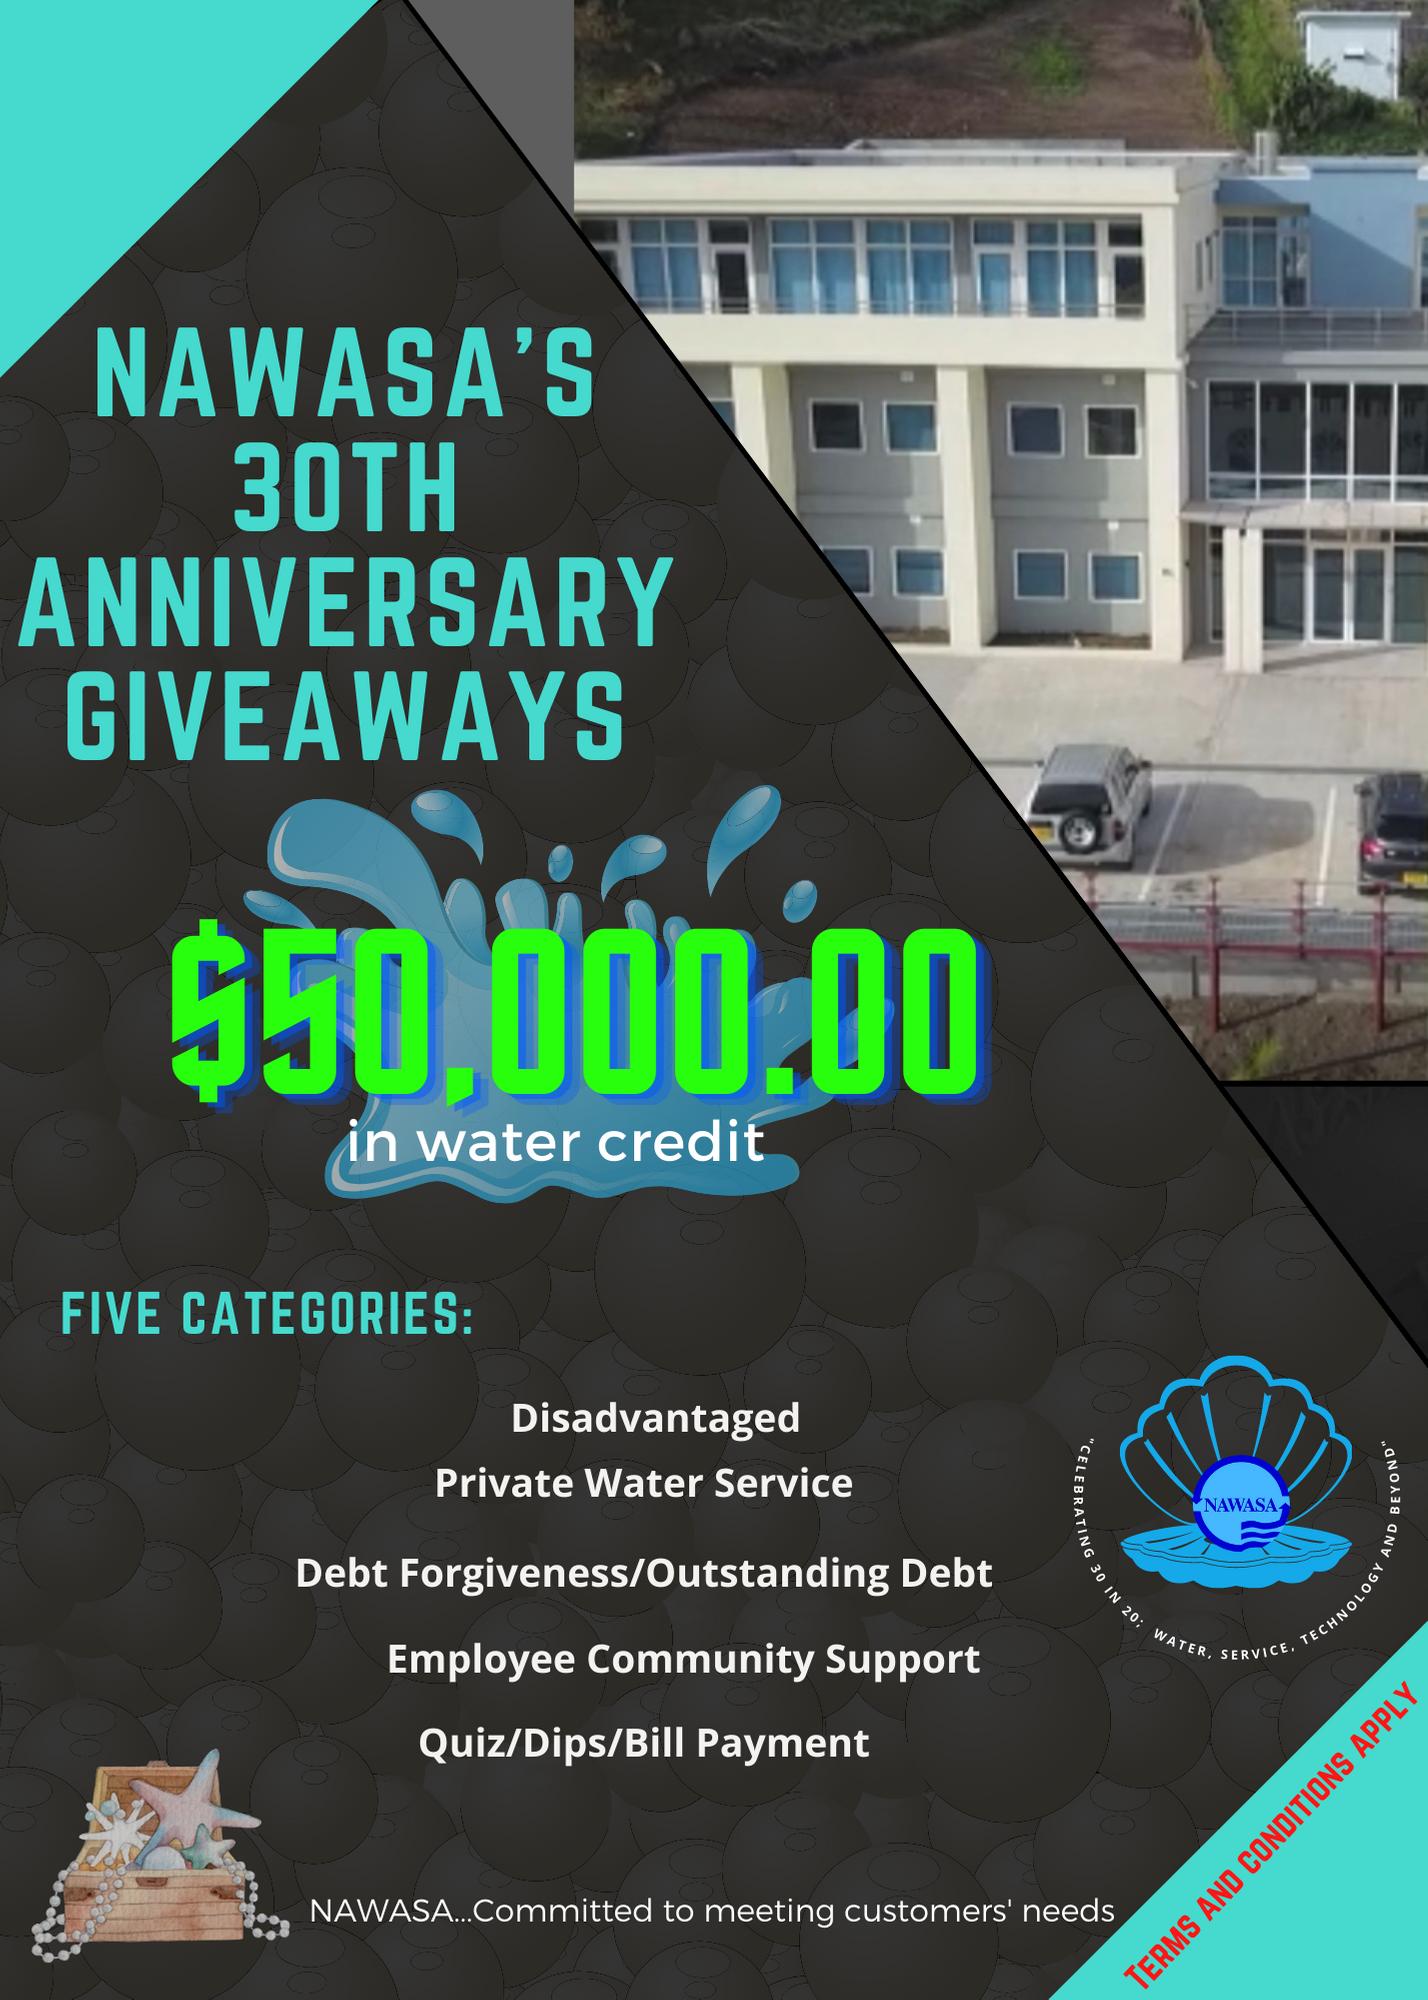 NAWASA's Anniversary Giveaway